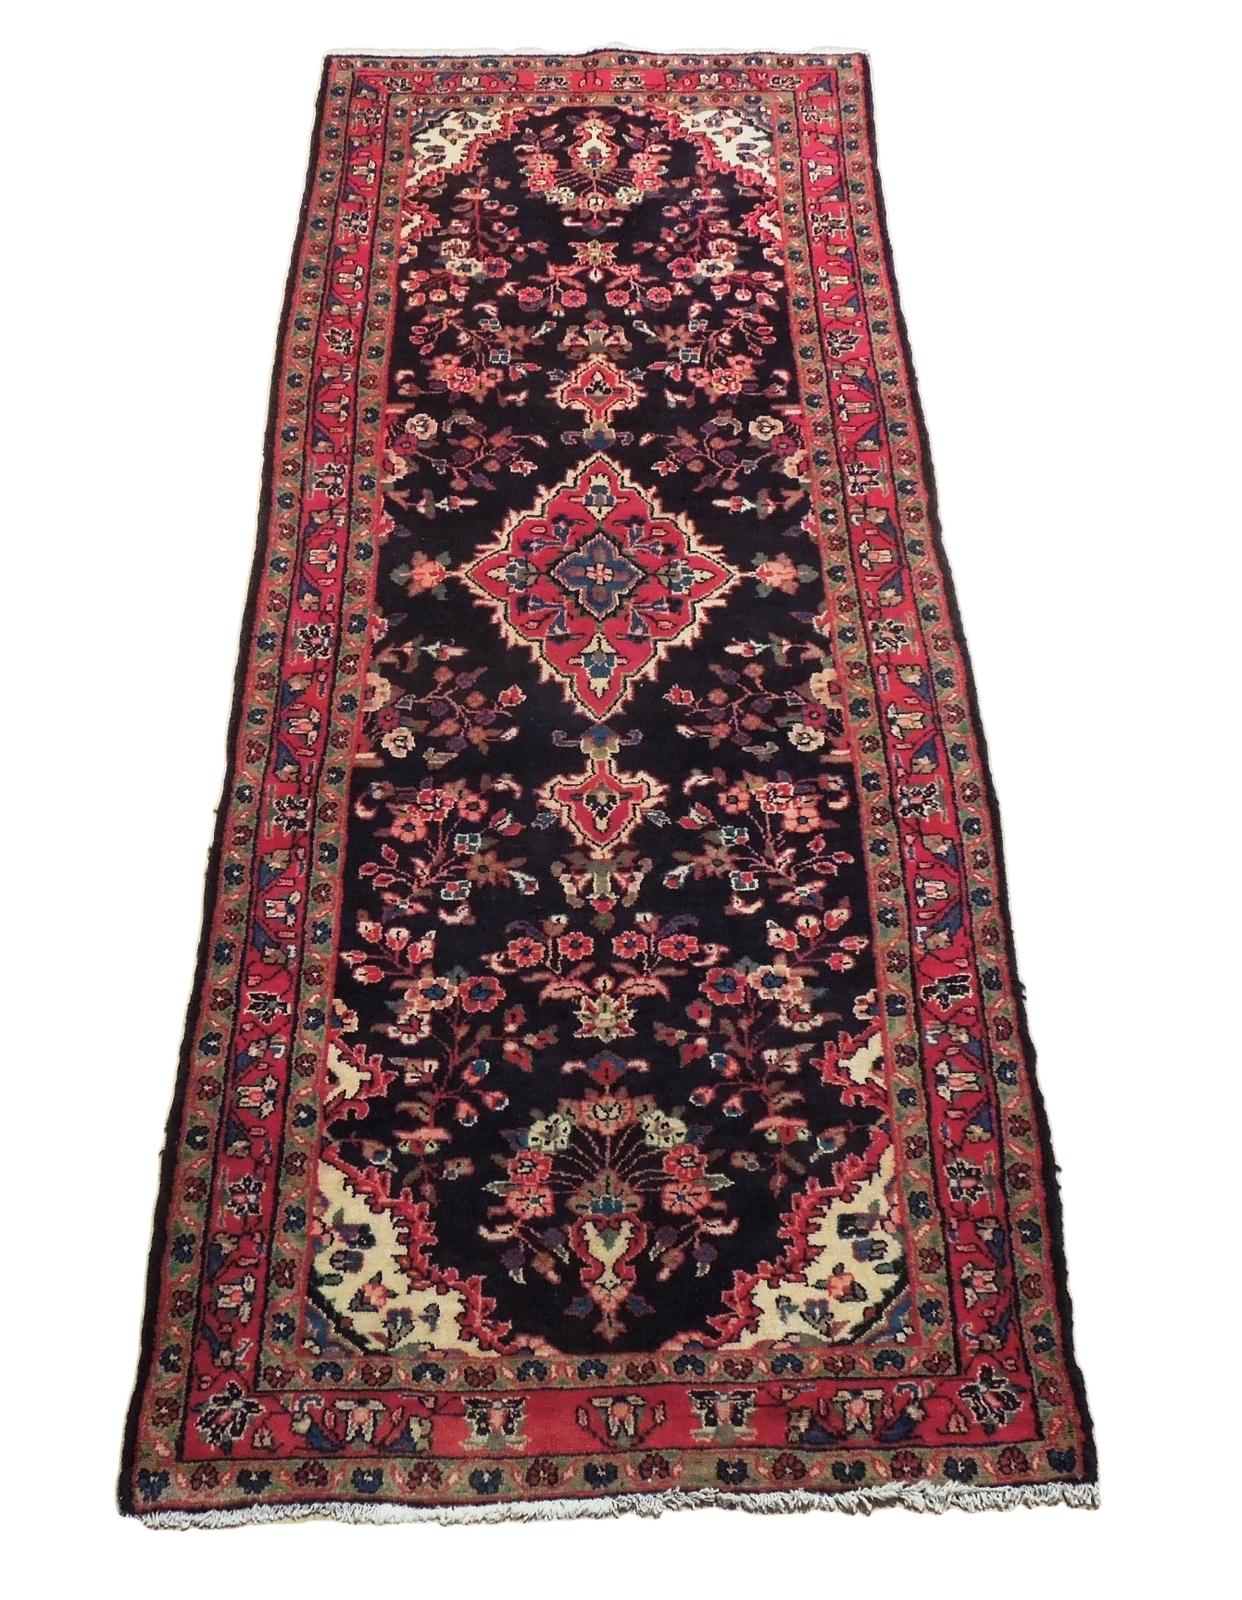 Tribal Wide Gallery Runner Persian Genuine Handmade 4x10 Black Sarouk Wool Rug